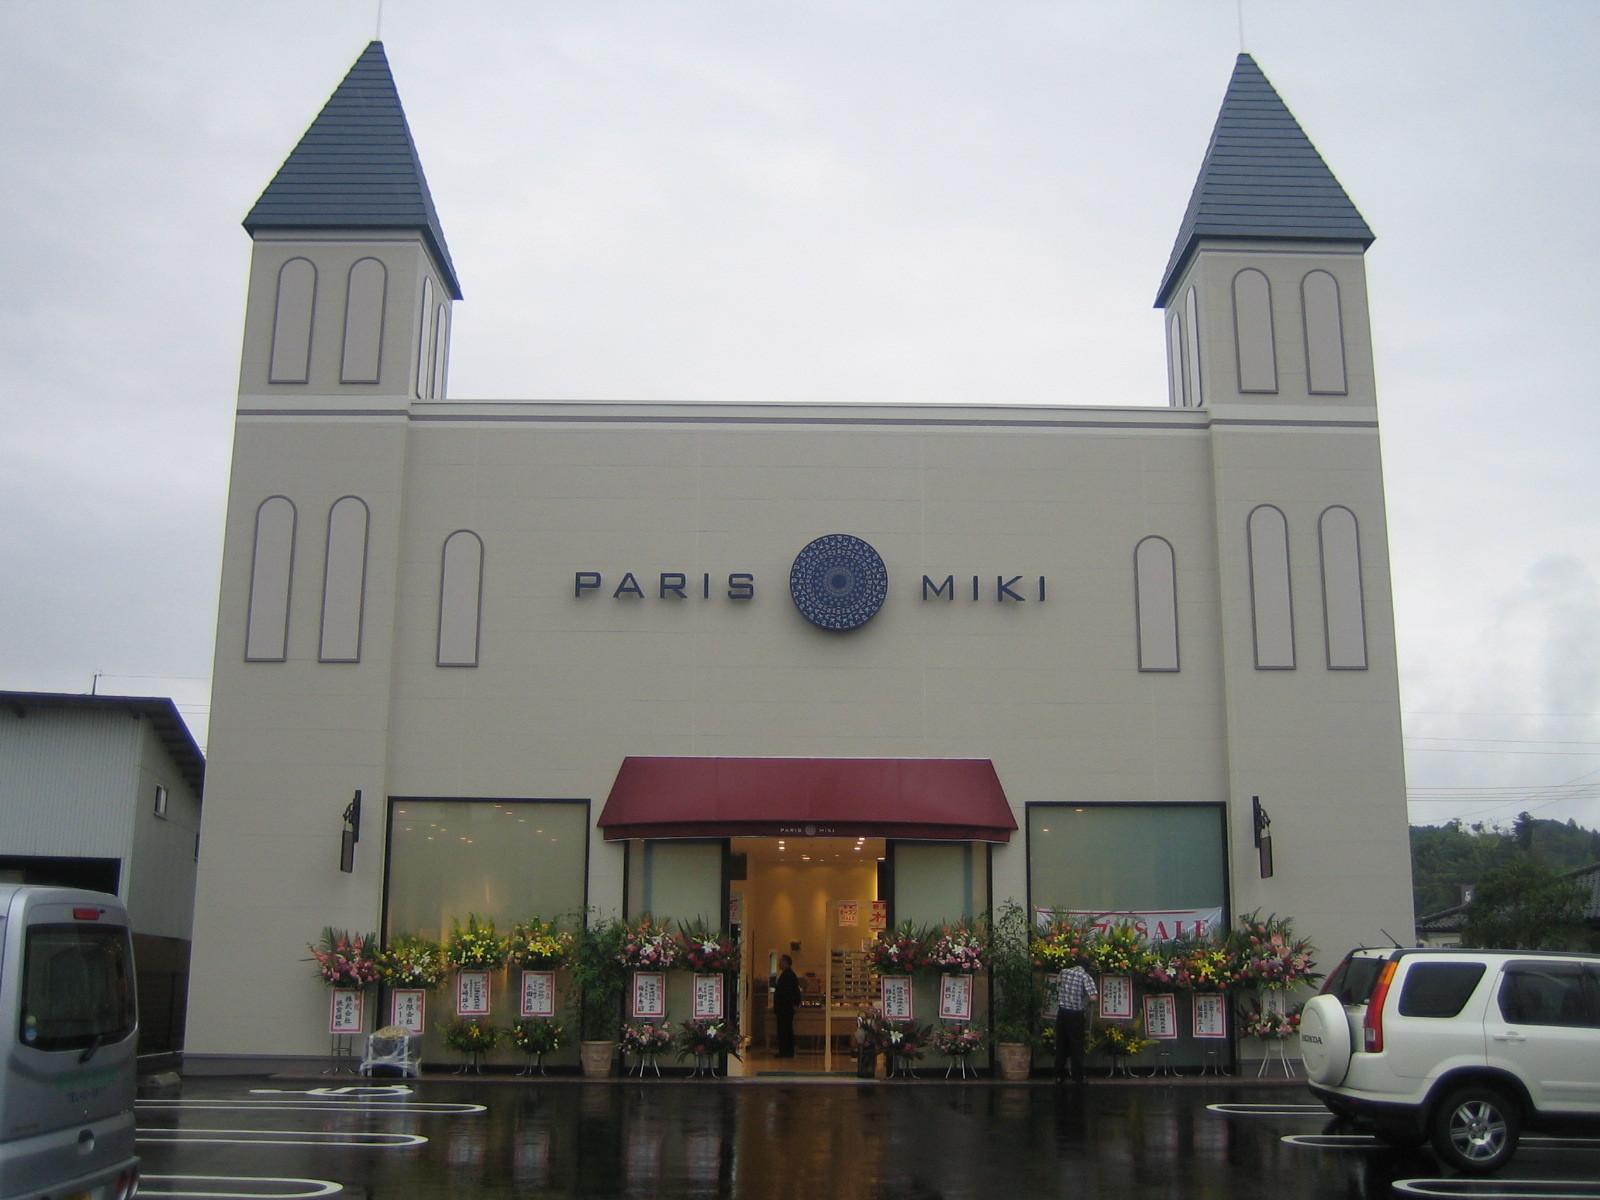 パリミキ 相馬店 のアルバイト情報